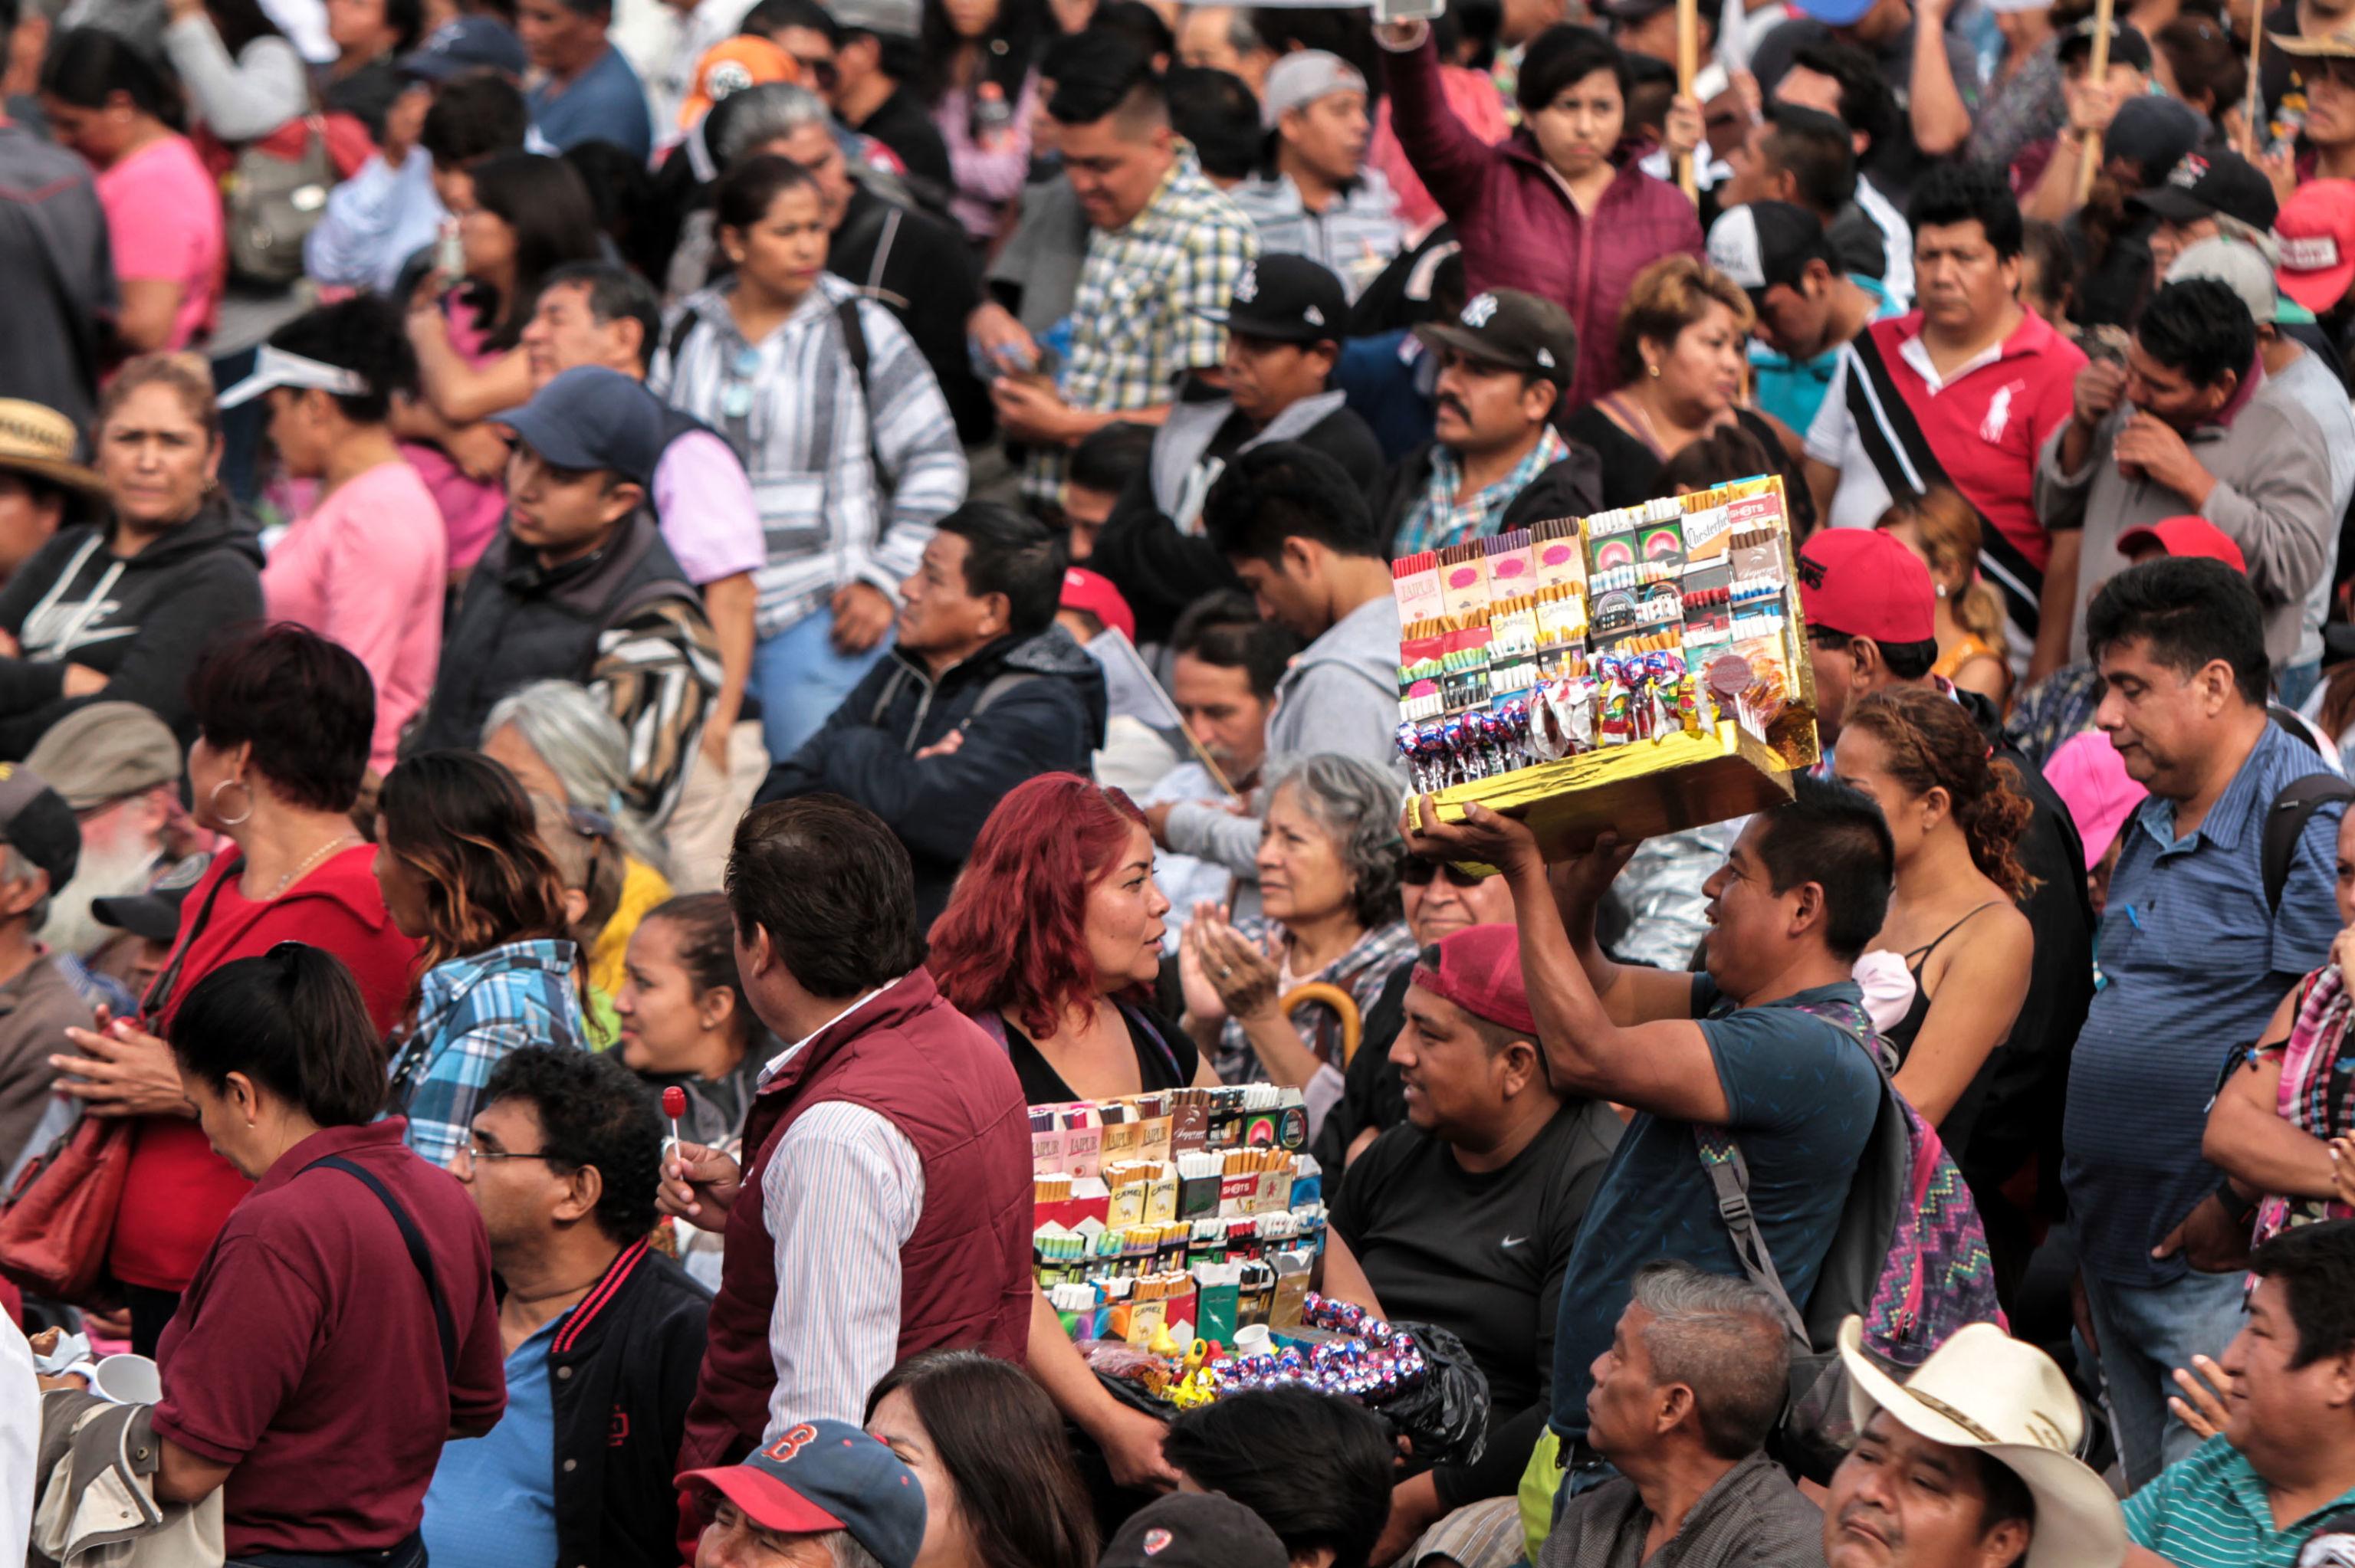 La mayoría de los vendedores ambulantes fueron retirados de la explanada del Zócalo capitalino durante el informe de actividades del presidente Andrés Manuel López Obrador